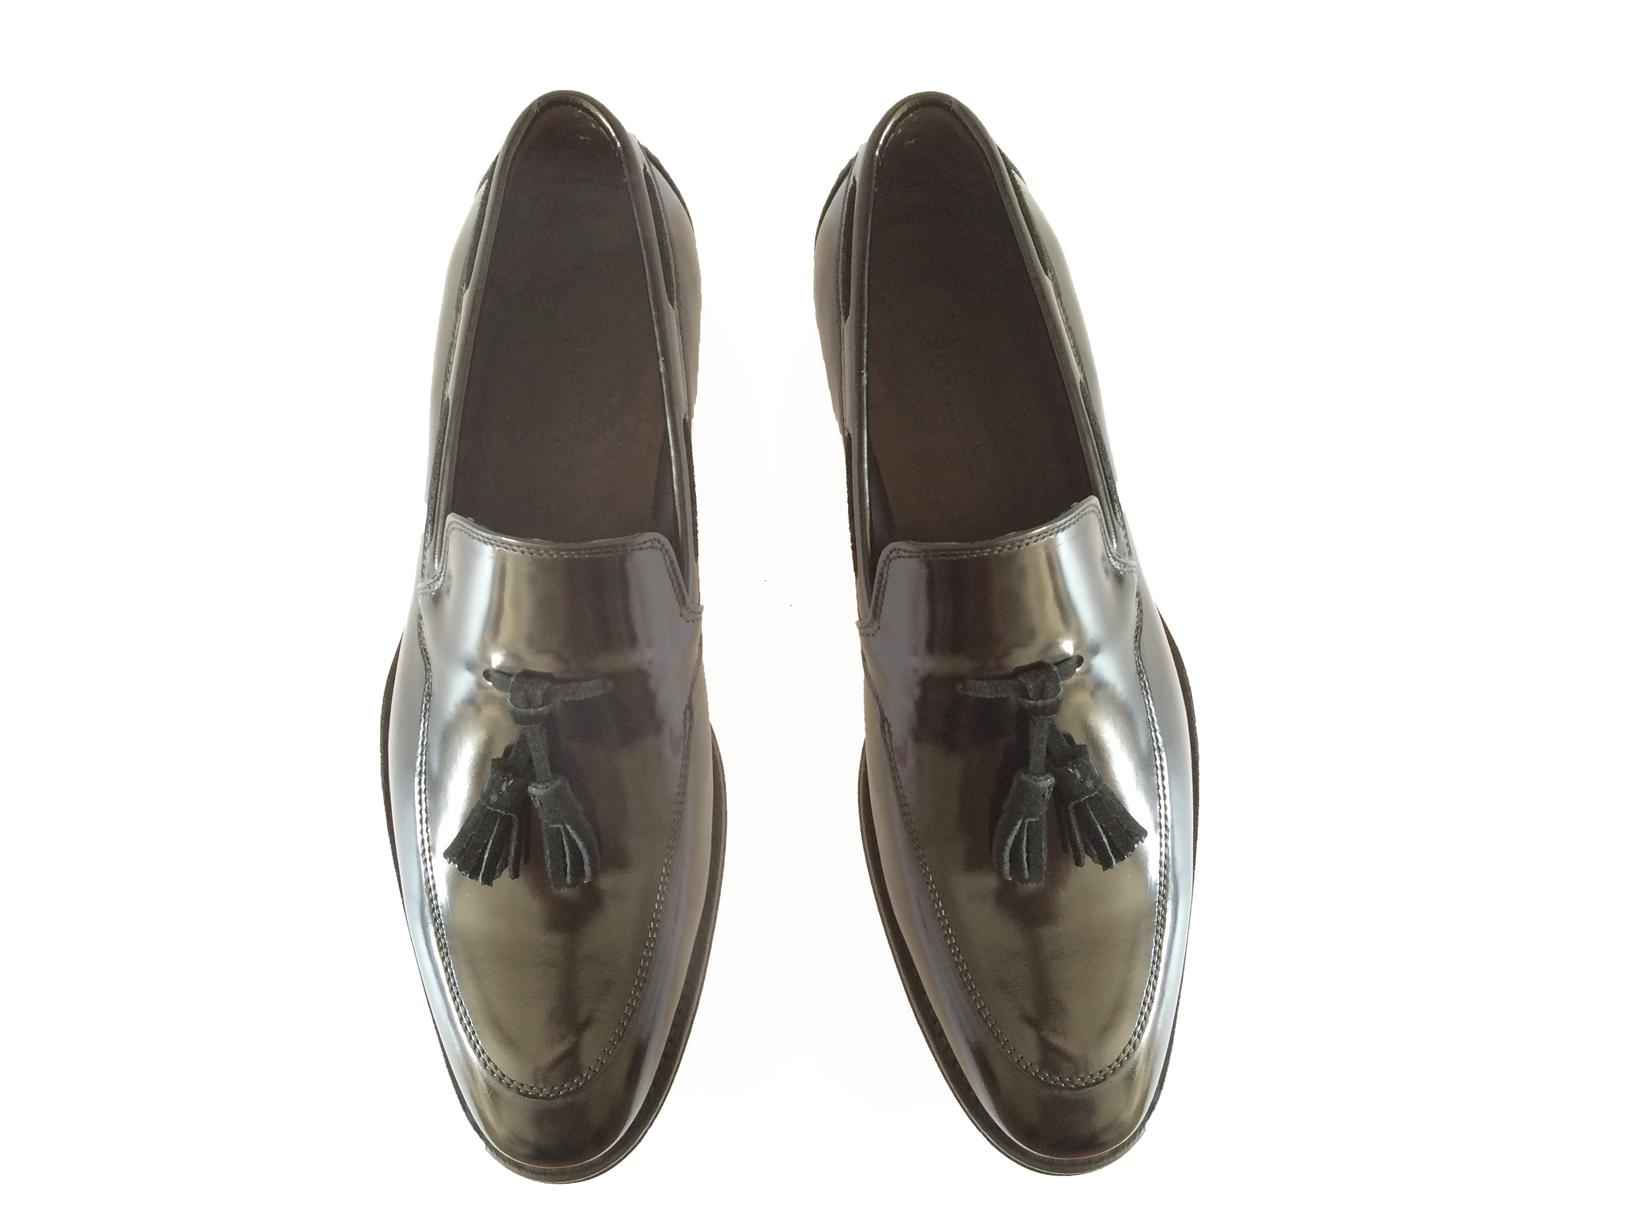 488f198d659da Classic Loafer (Black)   Vicino Italian Men Shoes – Vicino Italian Handmade  Shoes for Men